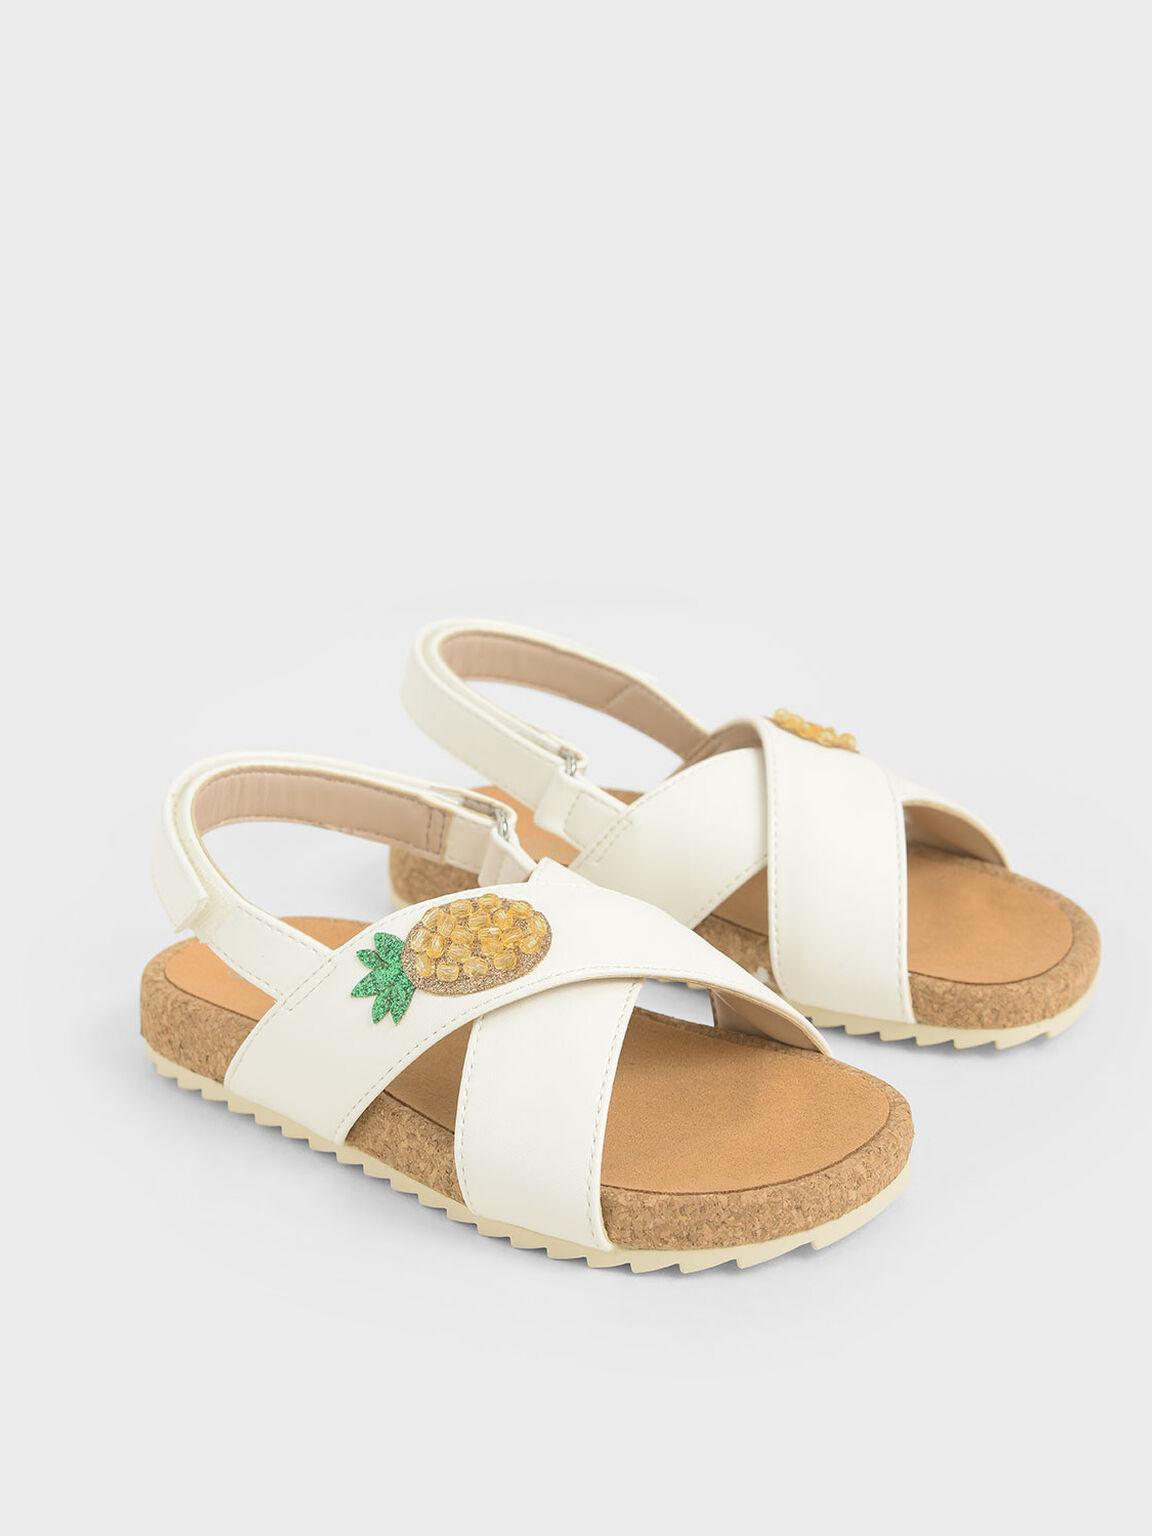 Girls' Embellished Criss-Cross Sandals, White, hi-res